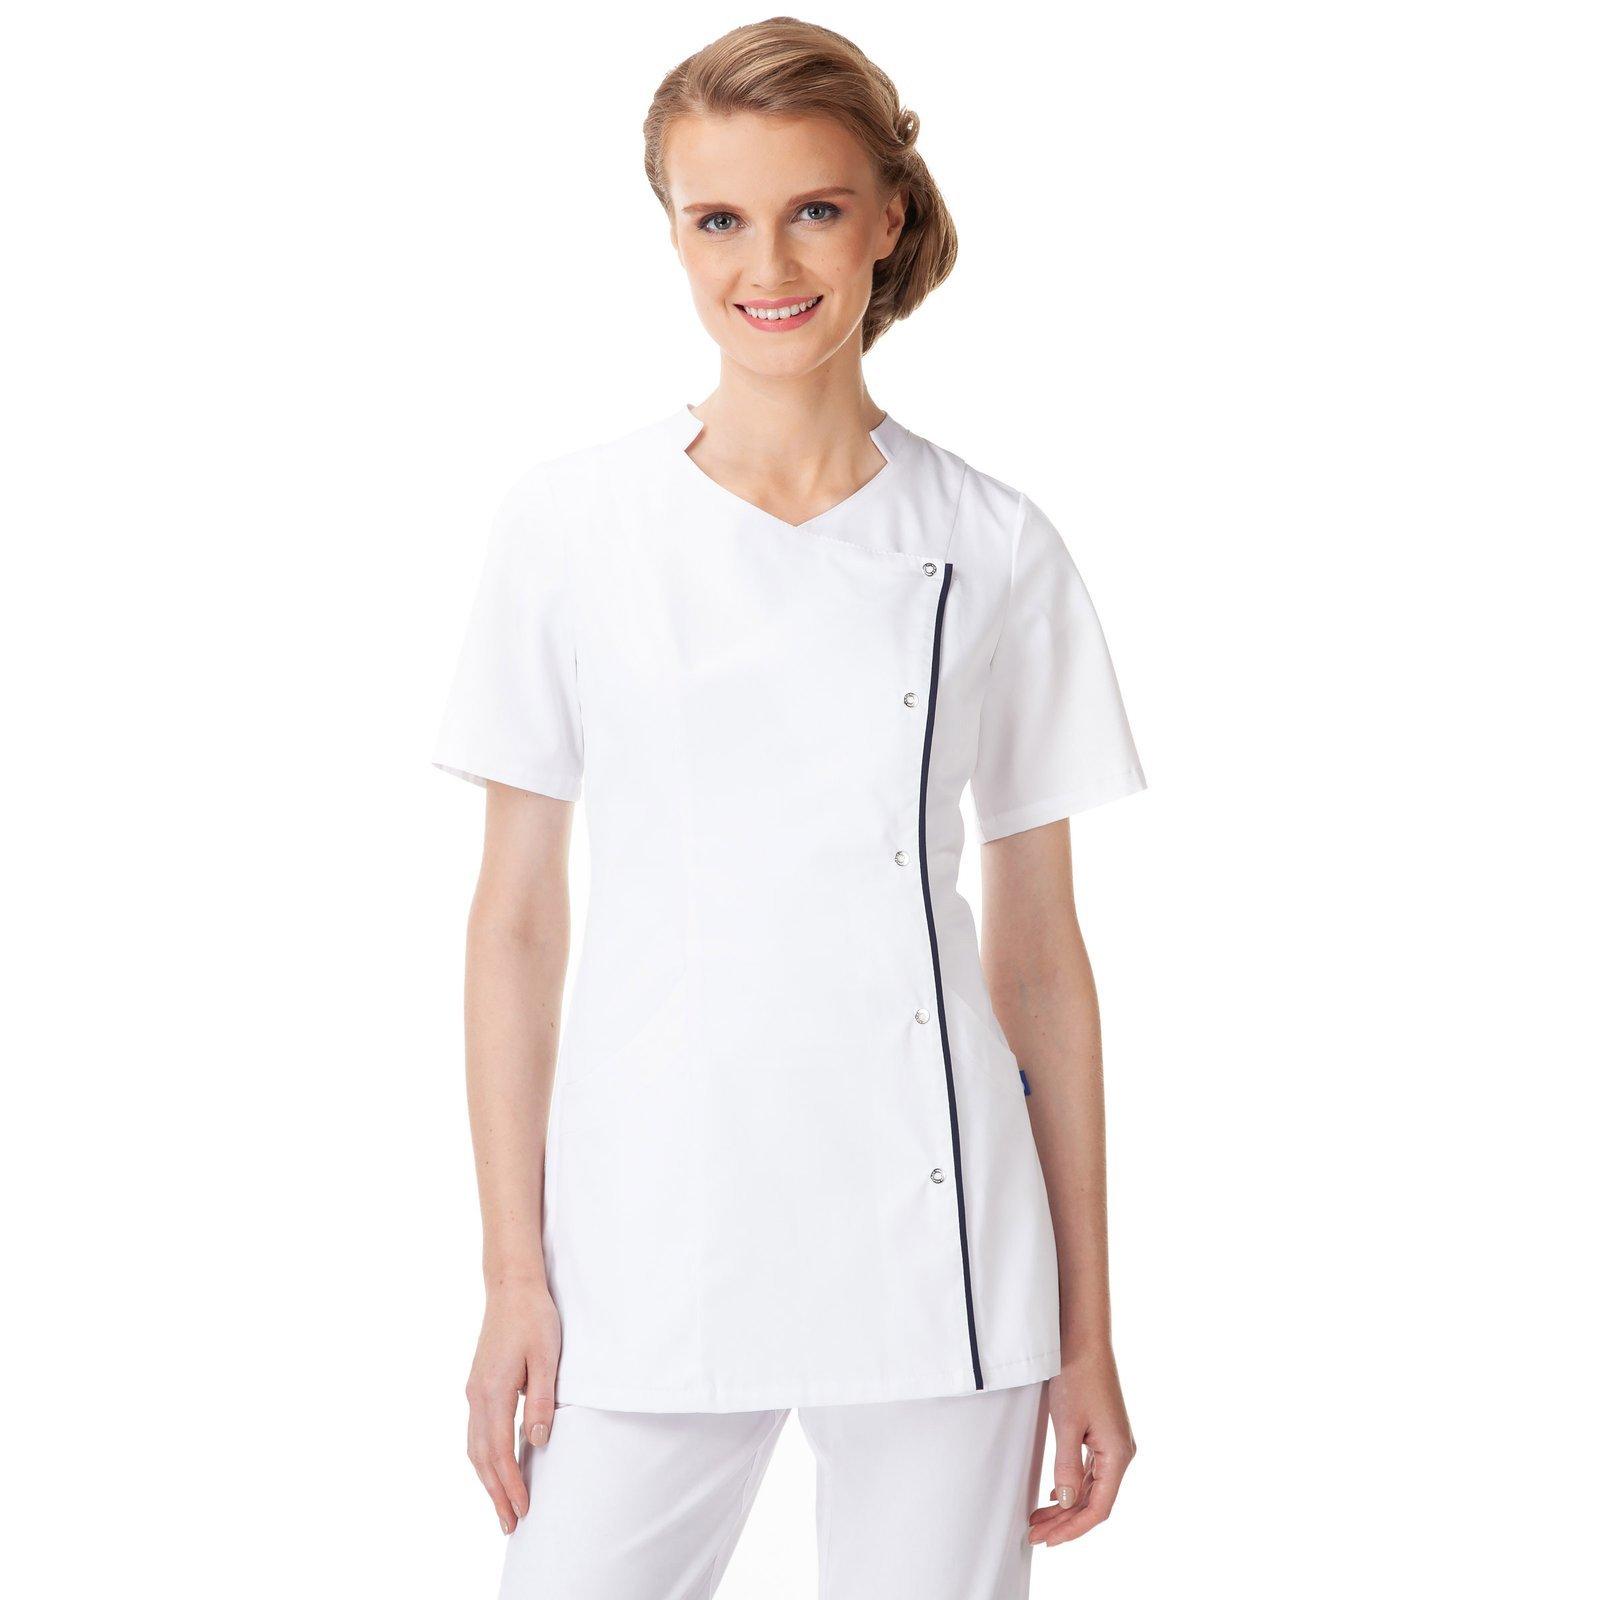 d6234b302e48e Żakiet medyczny damski, biały z atramentową wypustką. UN2038 BIAŁY ...